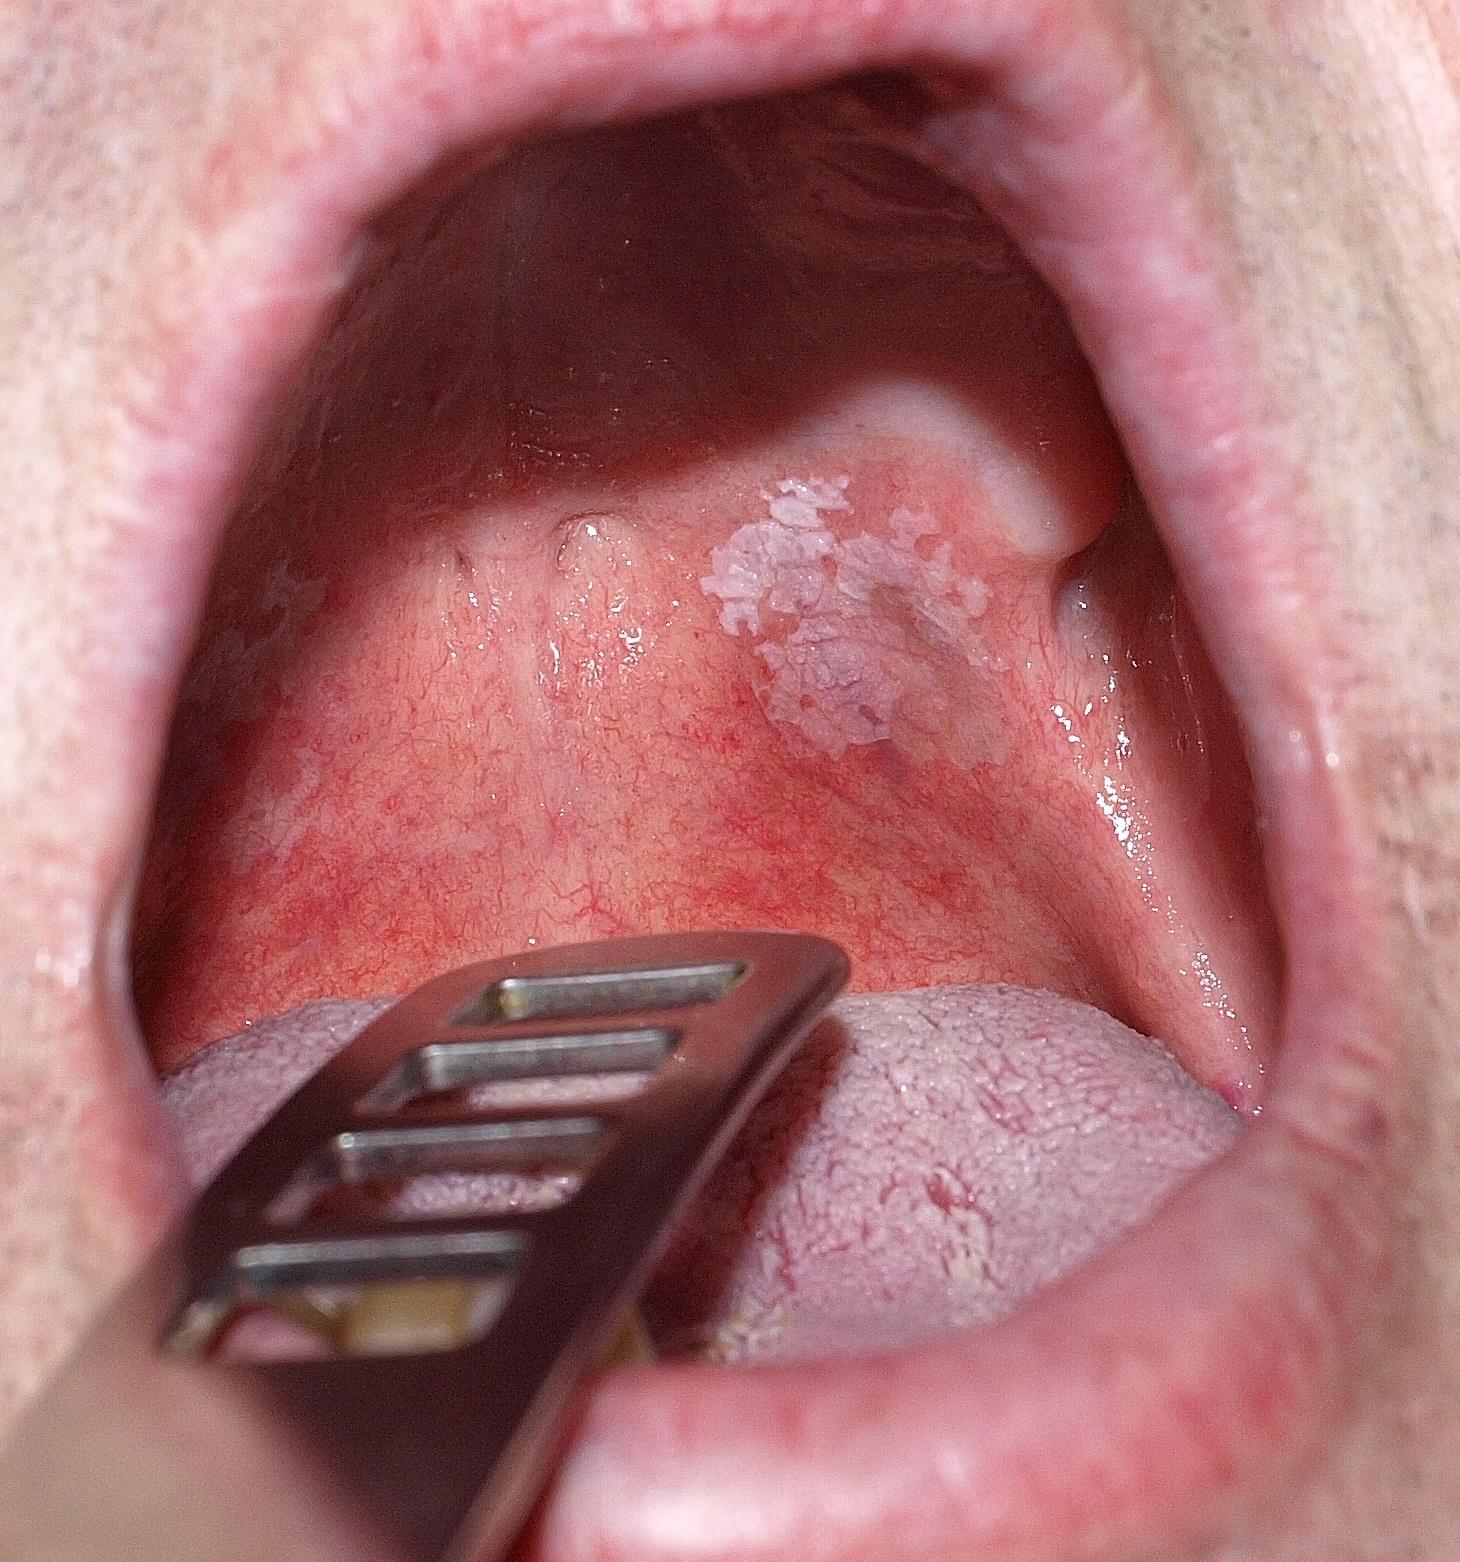 kezelnie kell az emberi papilloma vírust galaderm a genitális szemölcsökből